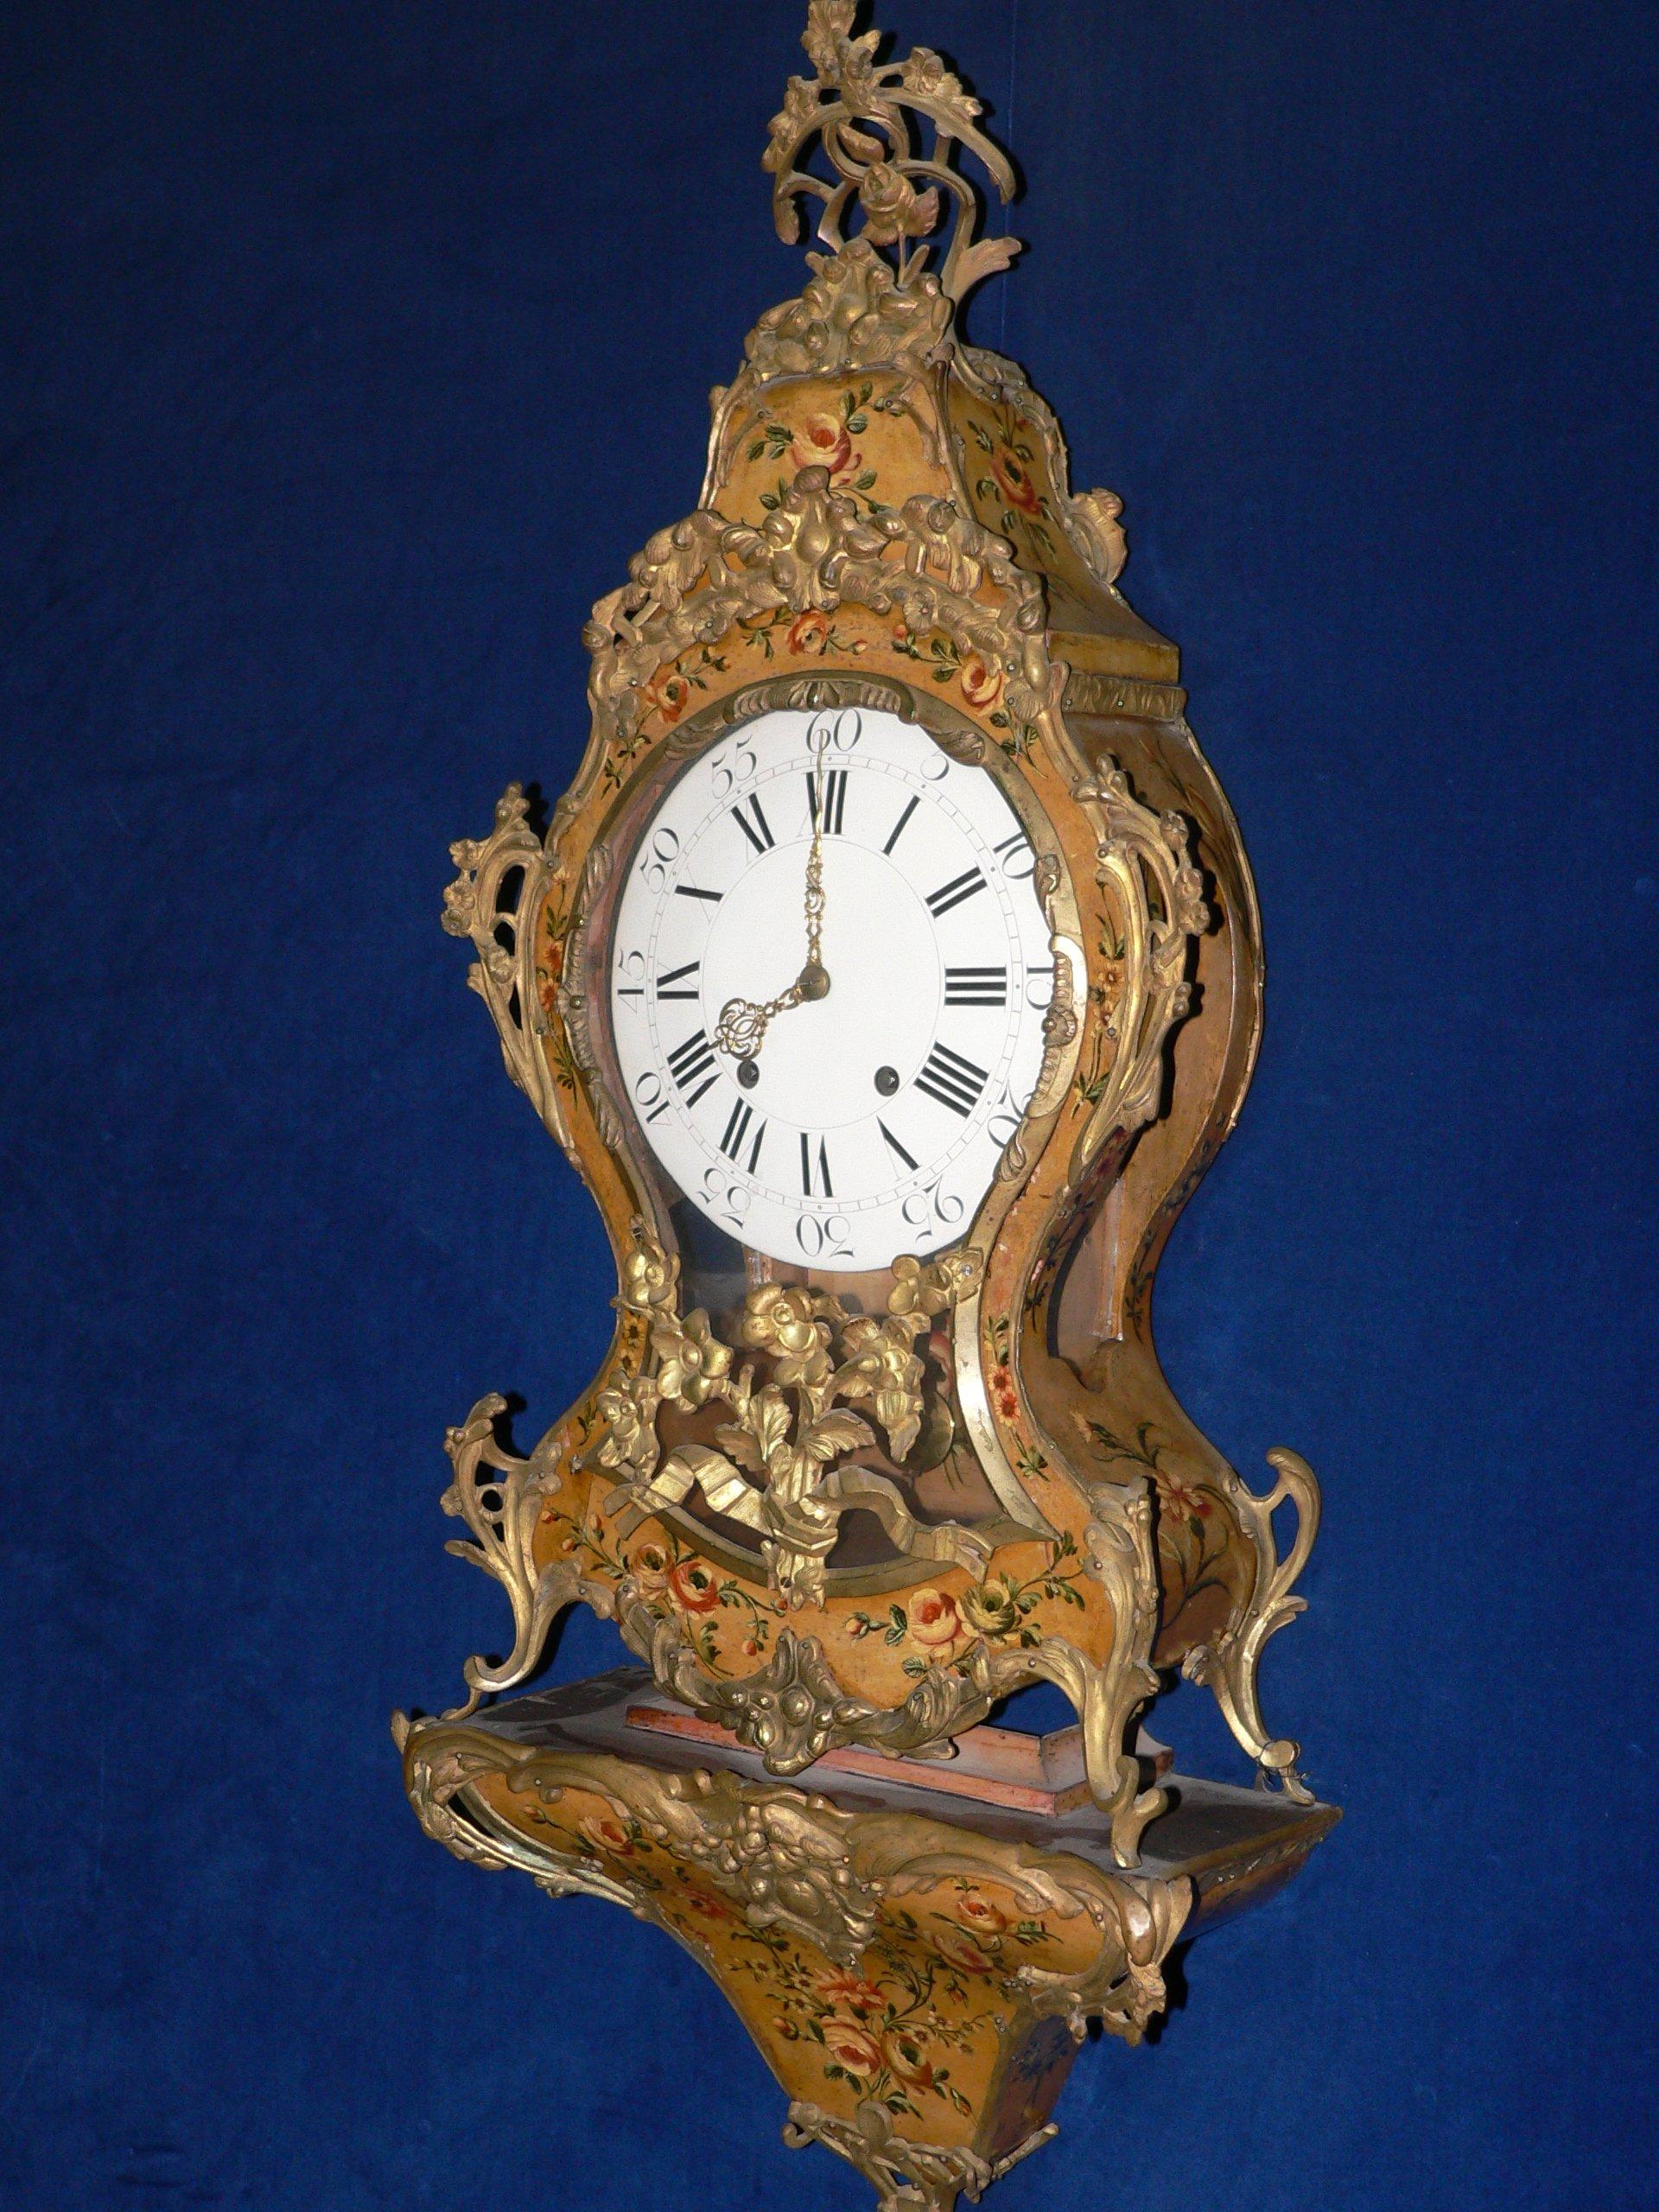 Geschichte der Zeitmessgeräte – Wikipedia